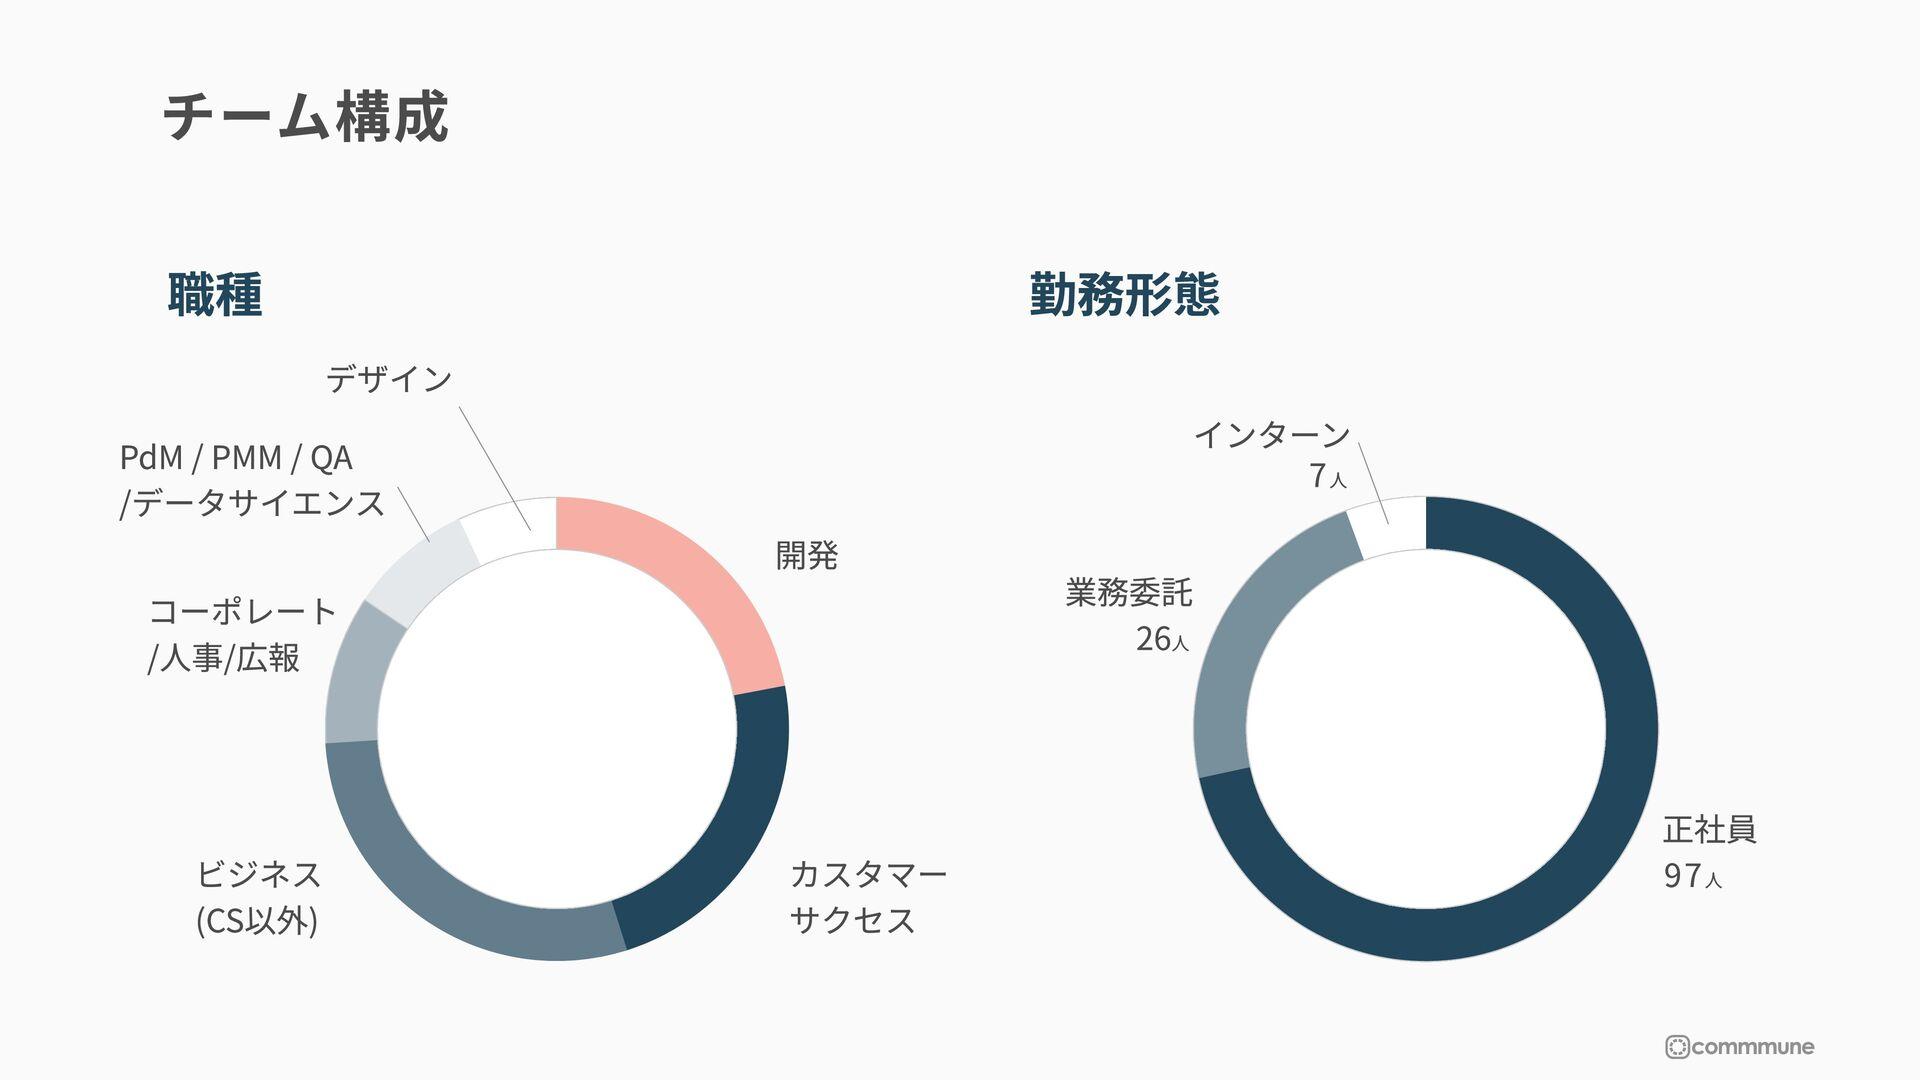 デザインシステムと今後 MATERIAL-UI 正社員がいないため、外部のデザイ ンシステムを...